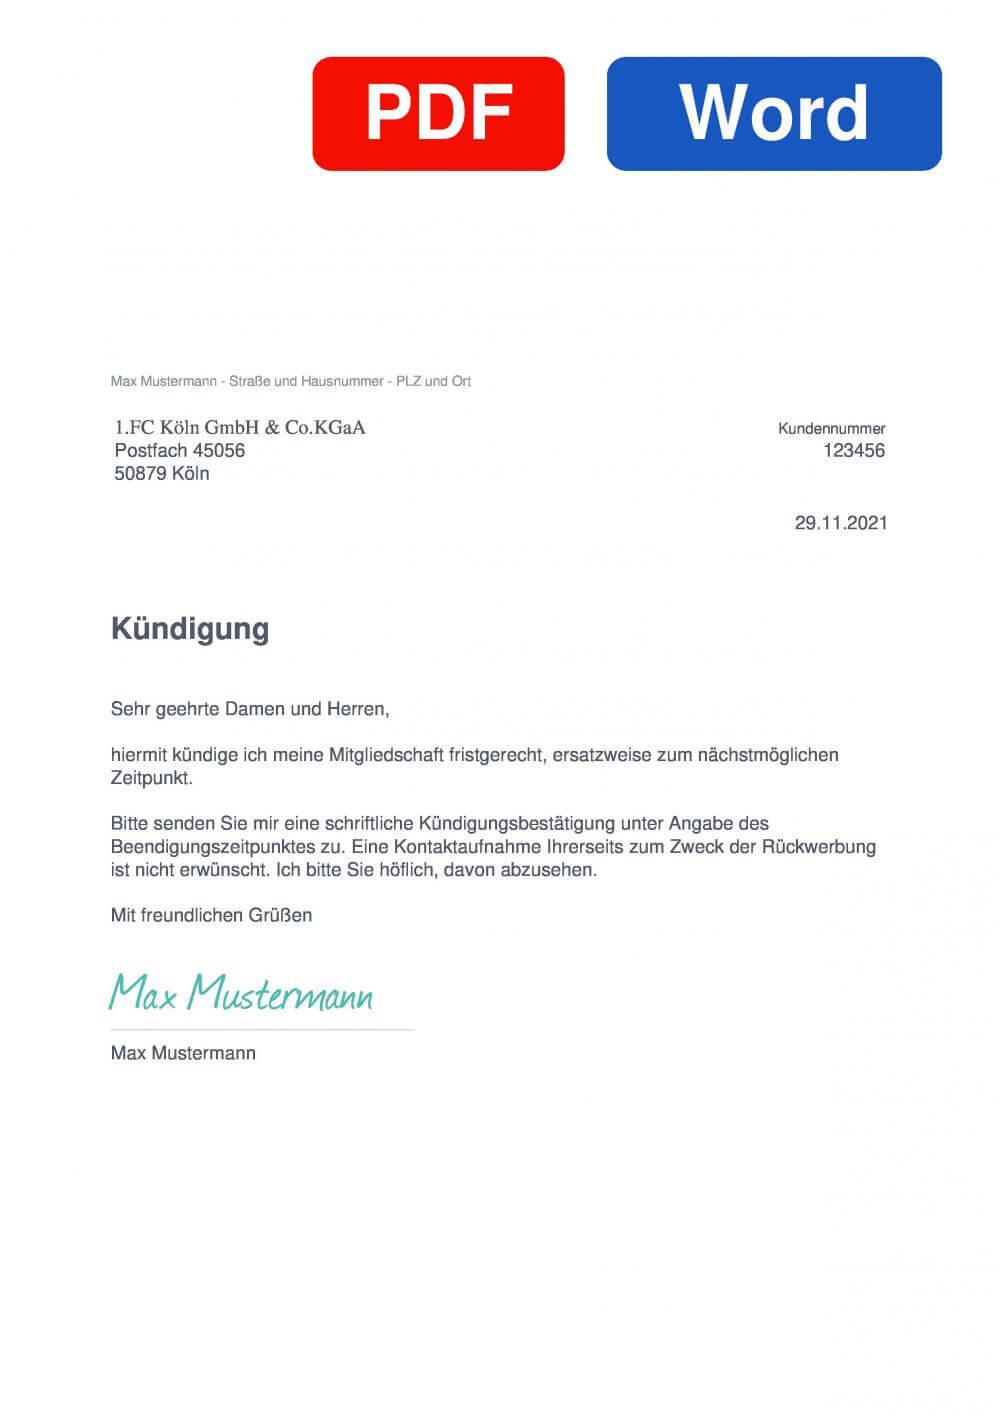 1. FC Köln Muster Vorlage für Kündigungsschreiben